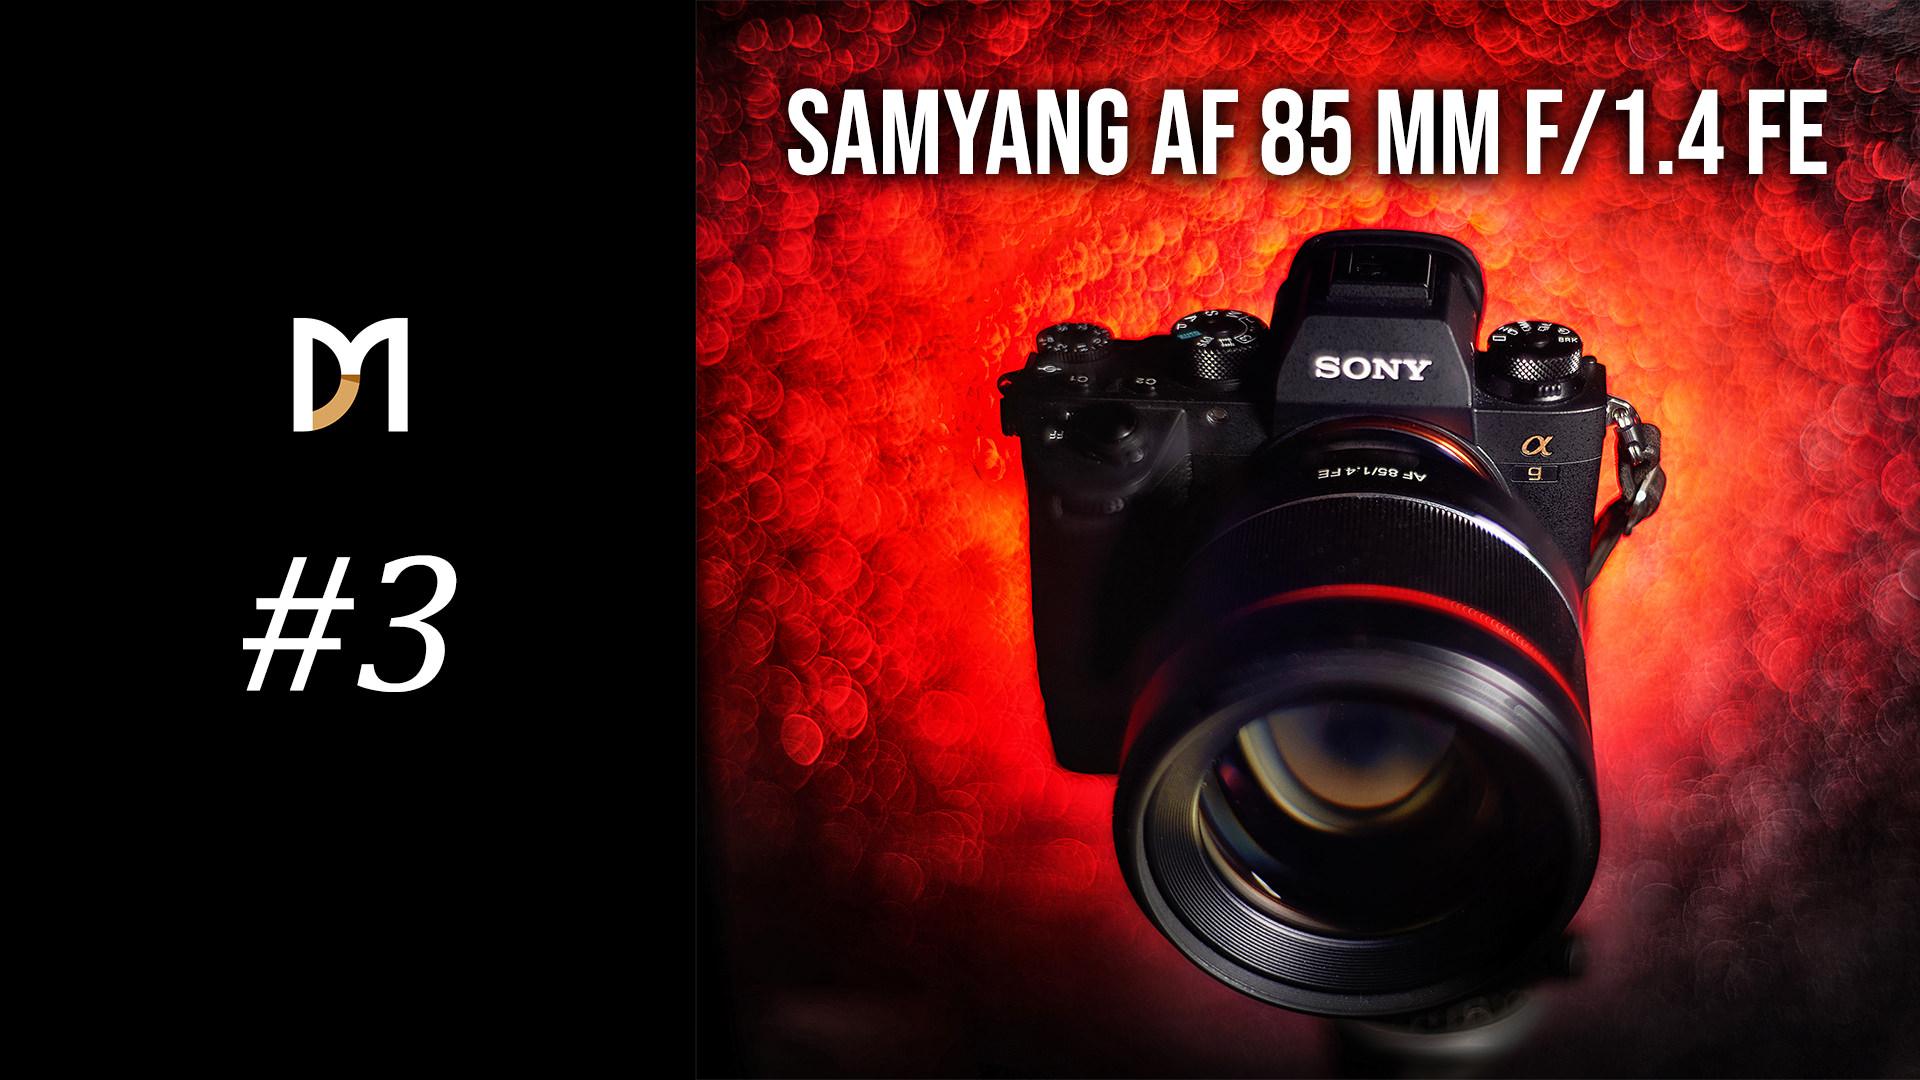 Samyang AF 85 mm f/1.4 FE